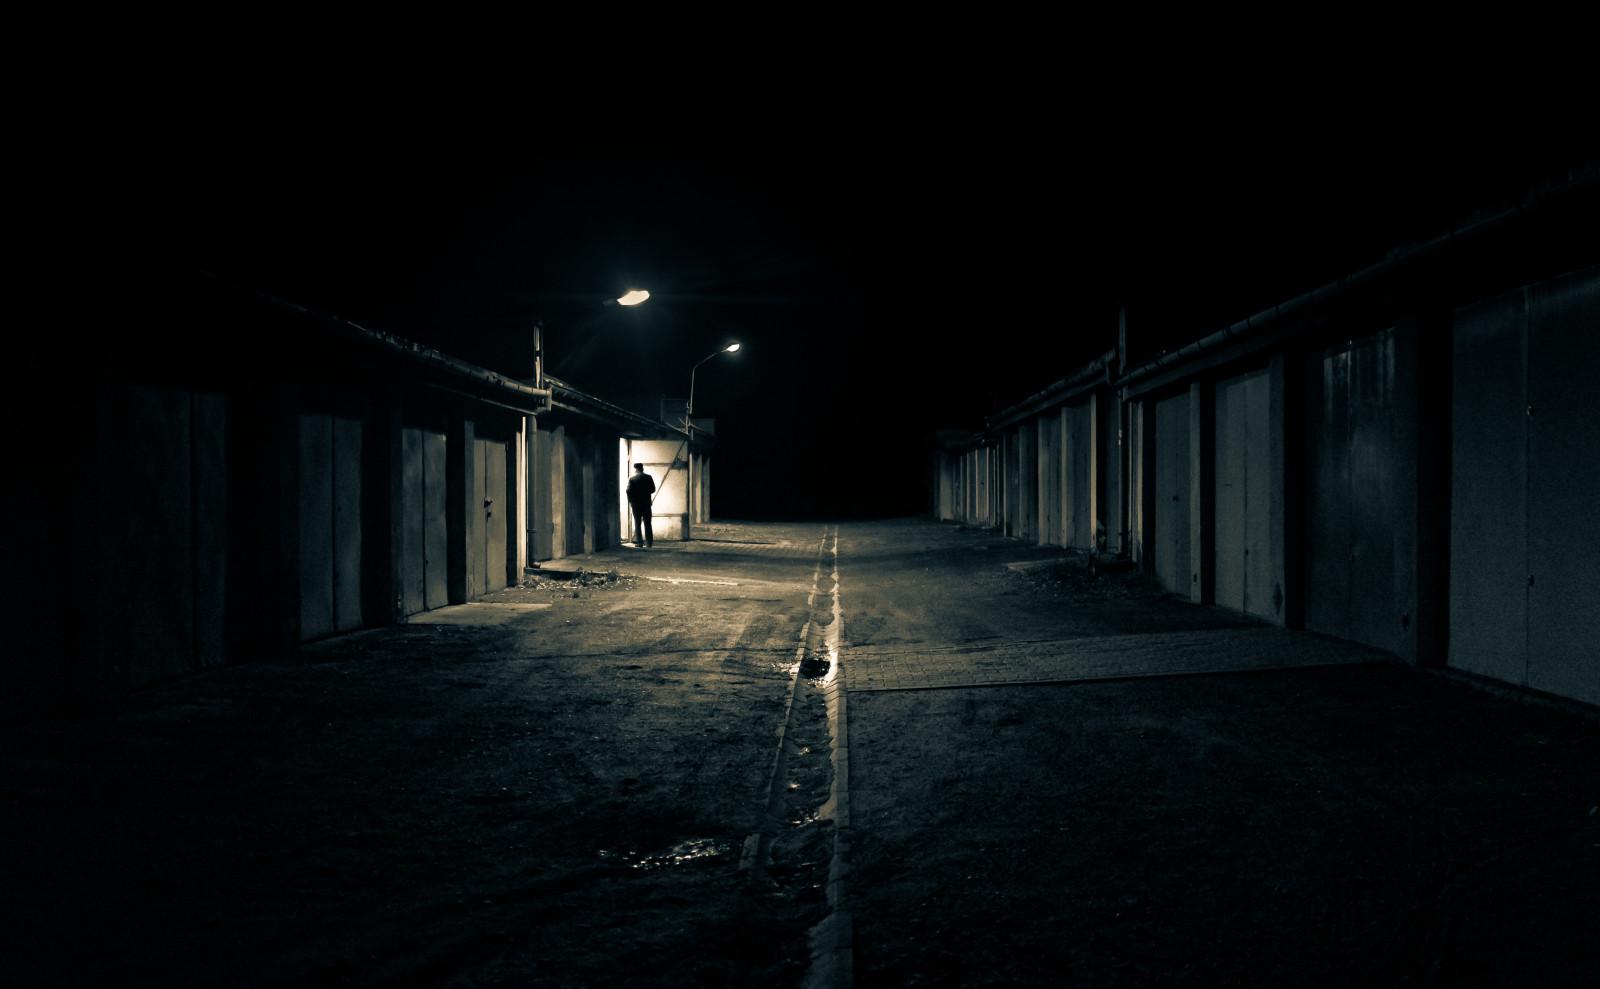 ... Atmosphäre, Stehen, Tür, Polen, Garagen, Garage, Mitternacht, Fujifilm,  Infrastruktur, Winkel, Gliwice, Licht, öffnen, Eins, Einsam, Draussen, Gasse,  ...